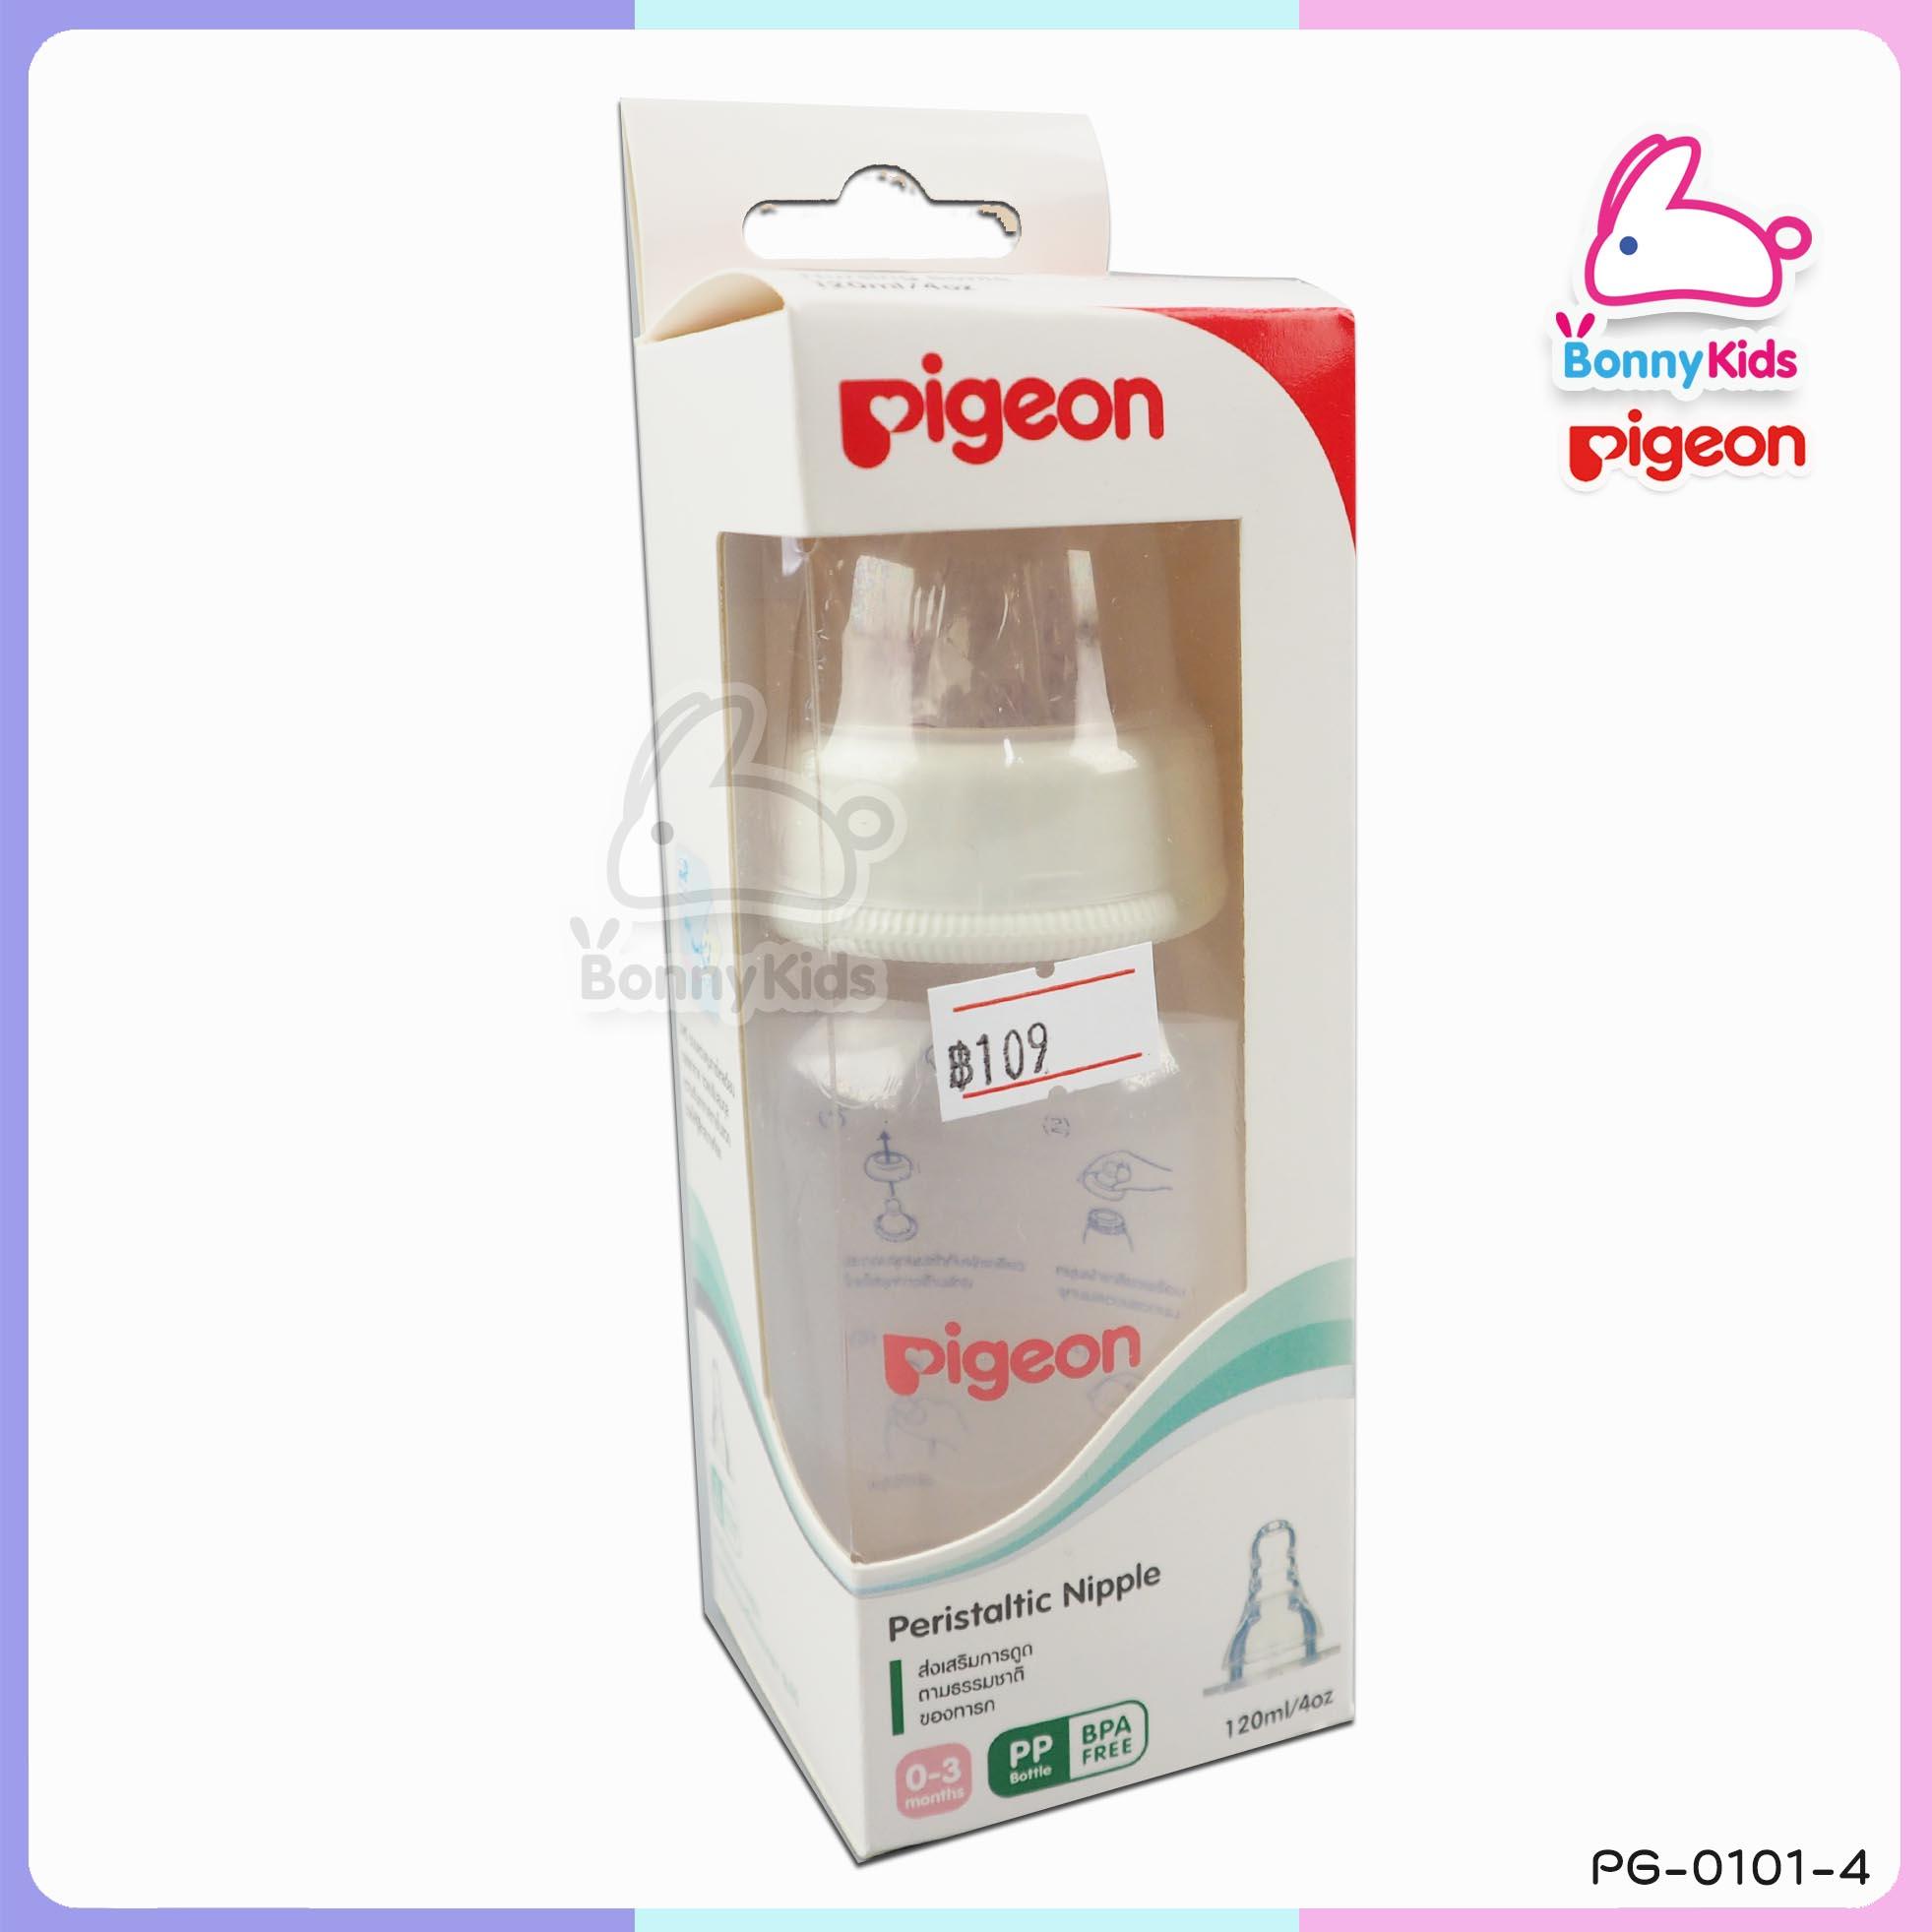 ขวดนมพีเจ้นส์ PP BPA-FREE Pigeon ขนาด 120 ml/4OZ พร้อมจุกนมเสมือนนมมารดา รุ่นมินิ size S